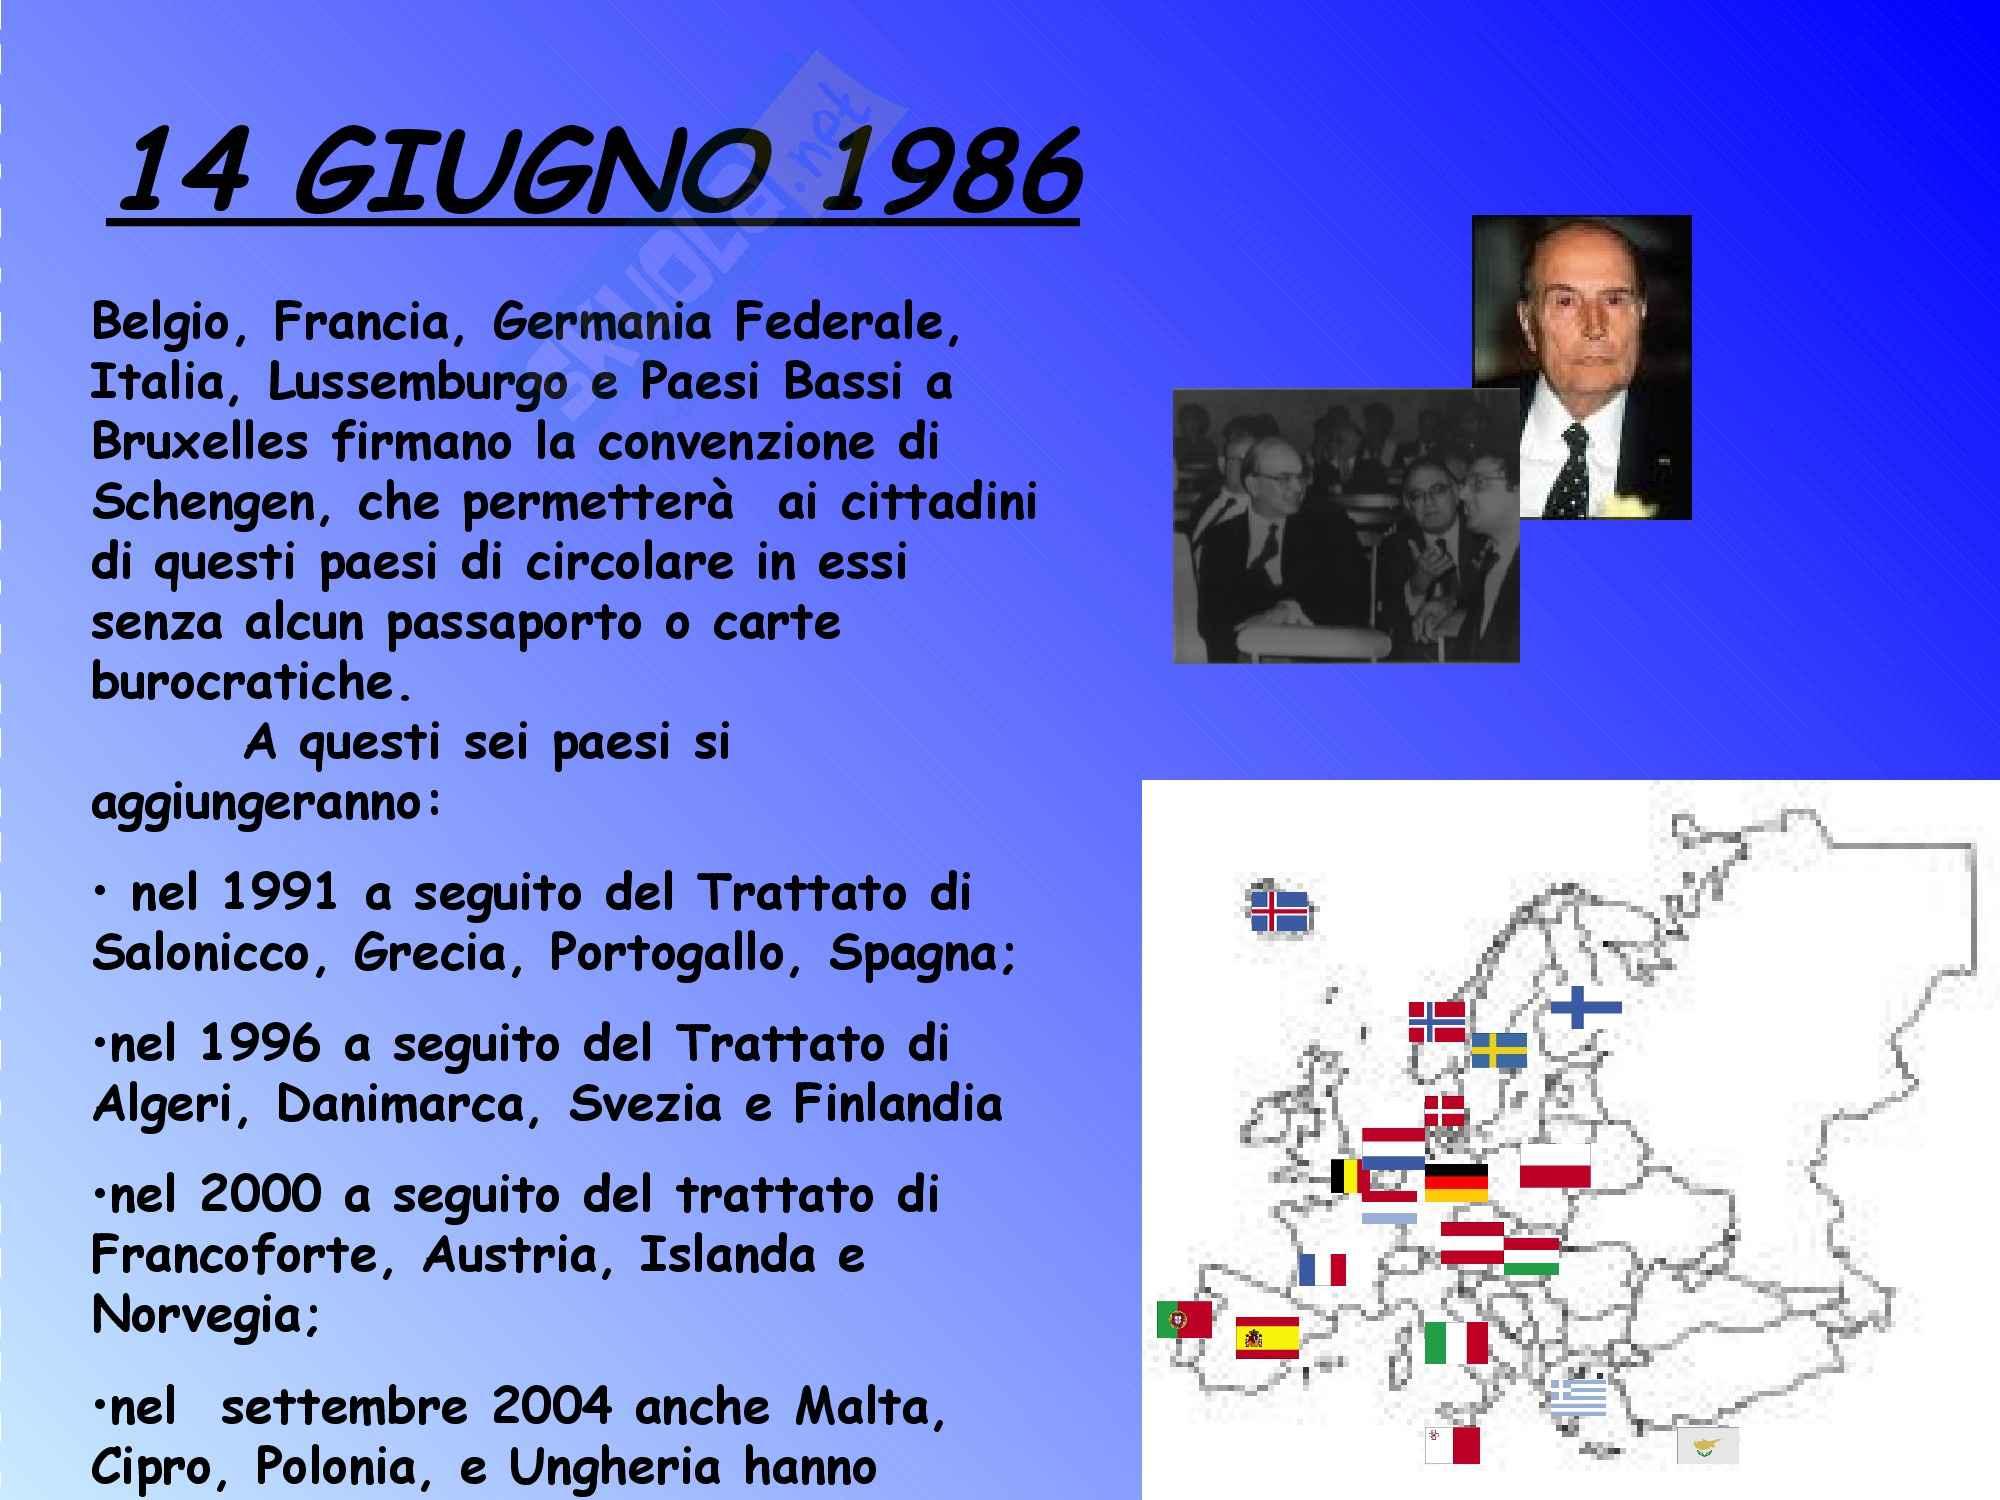 Diritto dell'Unione Europea - la storia dell'Unione Europea Pag. 11